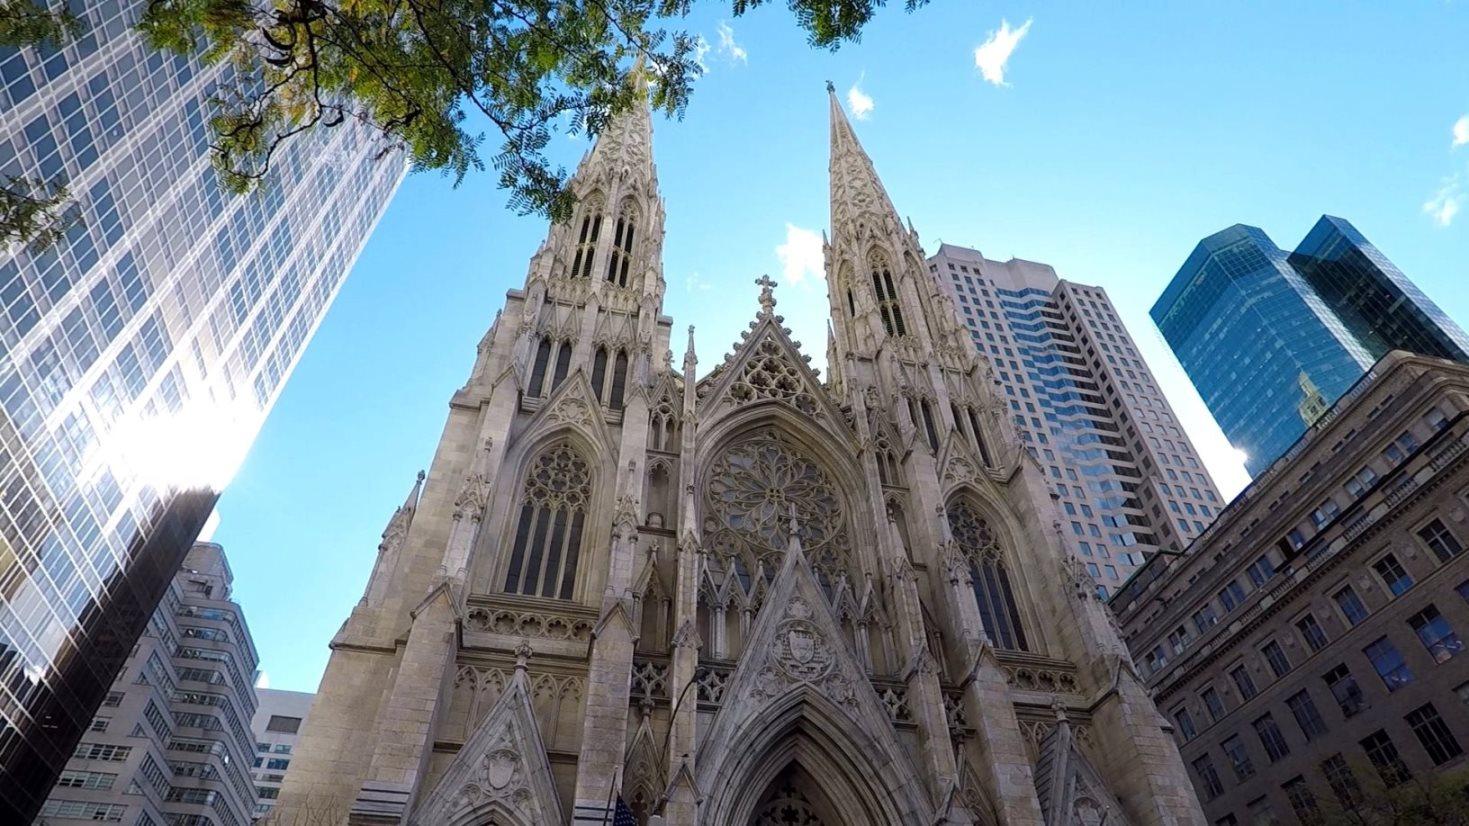 St. Patrick's Cathedral - gegenüber dem Rockefeller Center